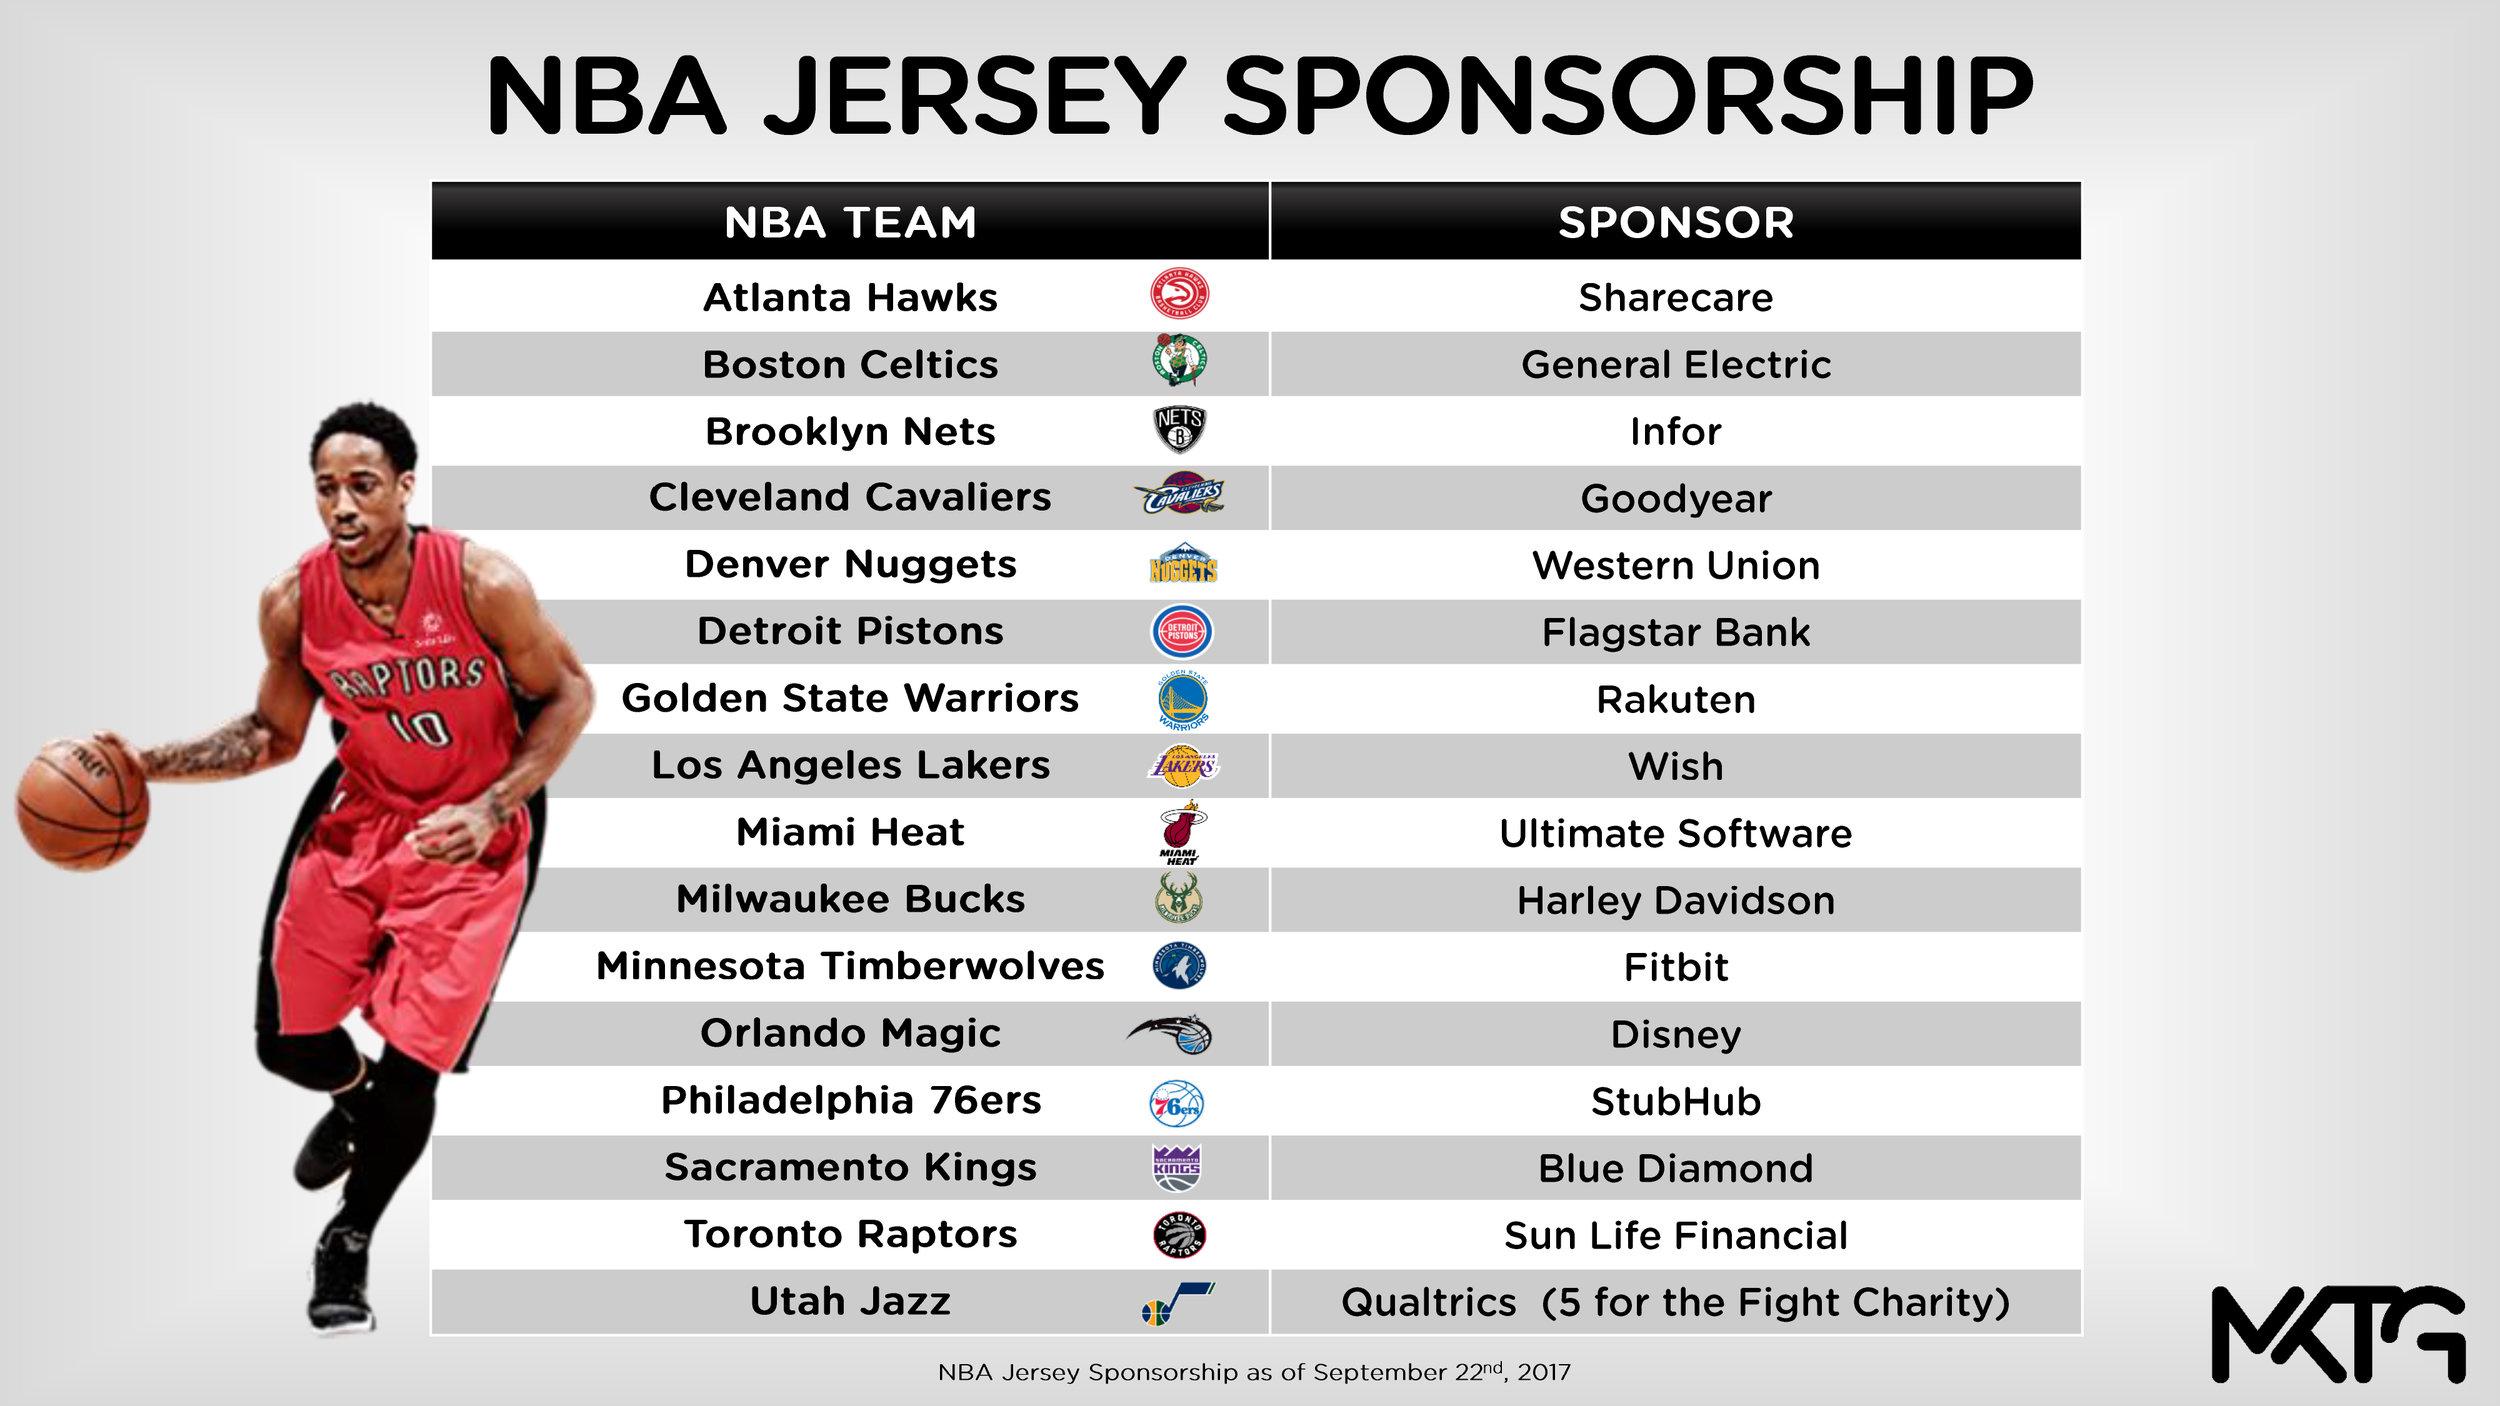 Jersey Sponsorship side-by-sidePDF.jpg